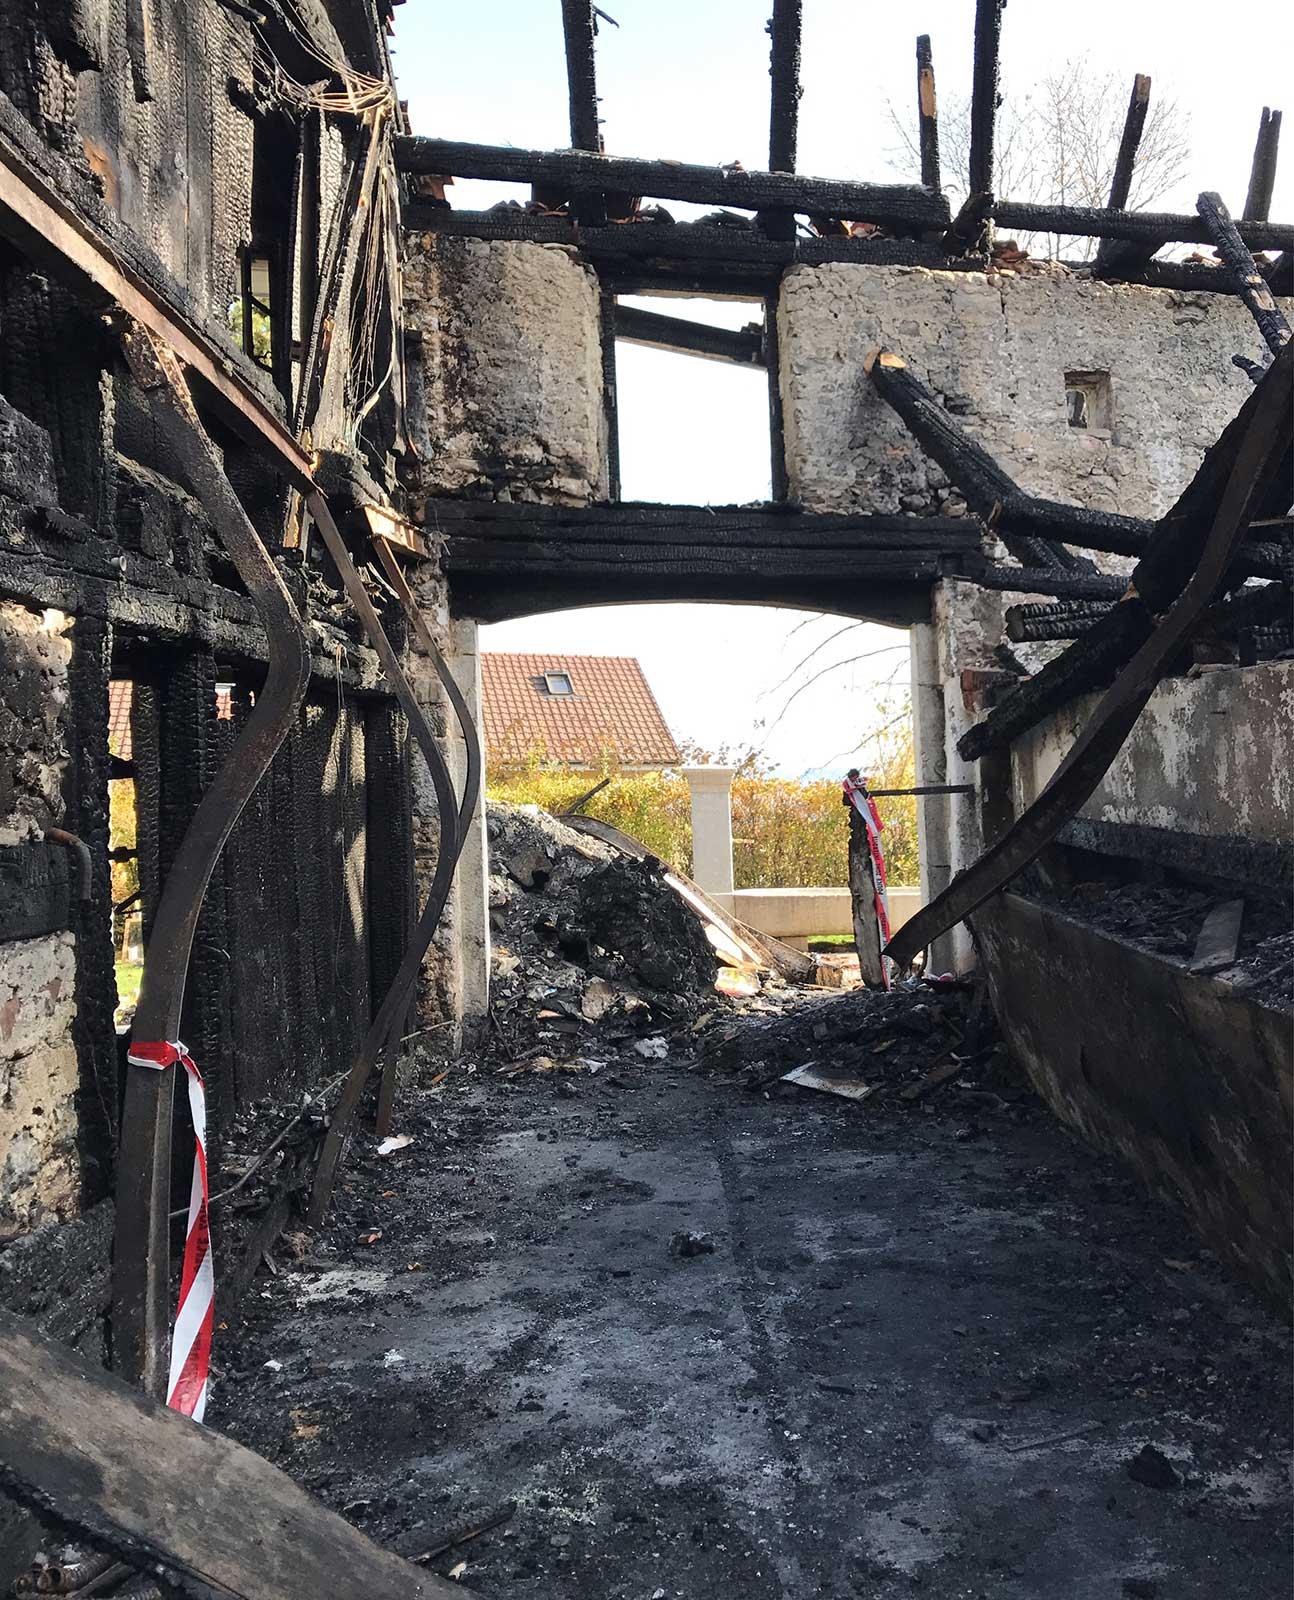 Brandruine Wiederaufbau denkmalgeschützes ehemaliges Bauernhaus Hauptstrasse Magglinggen